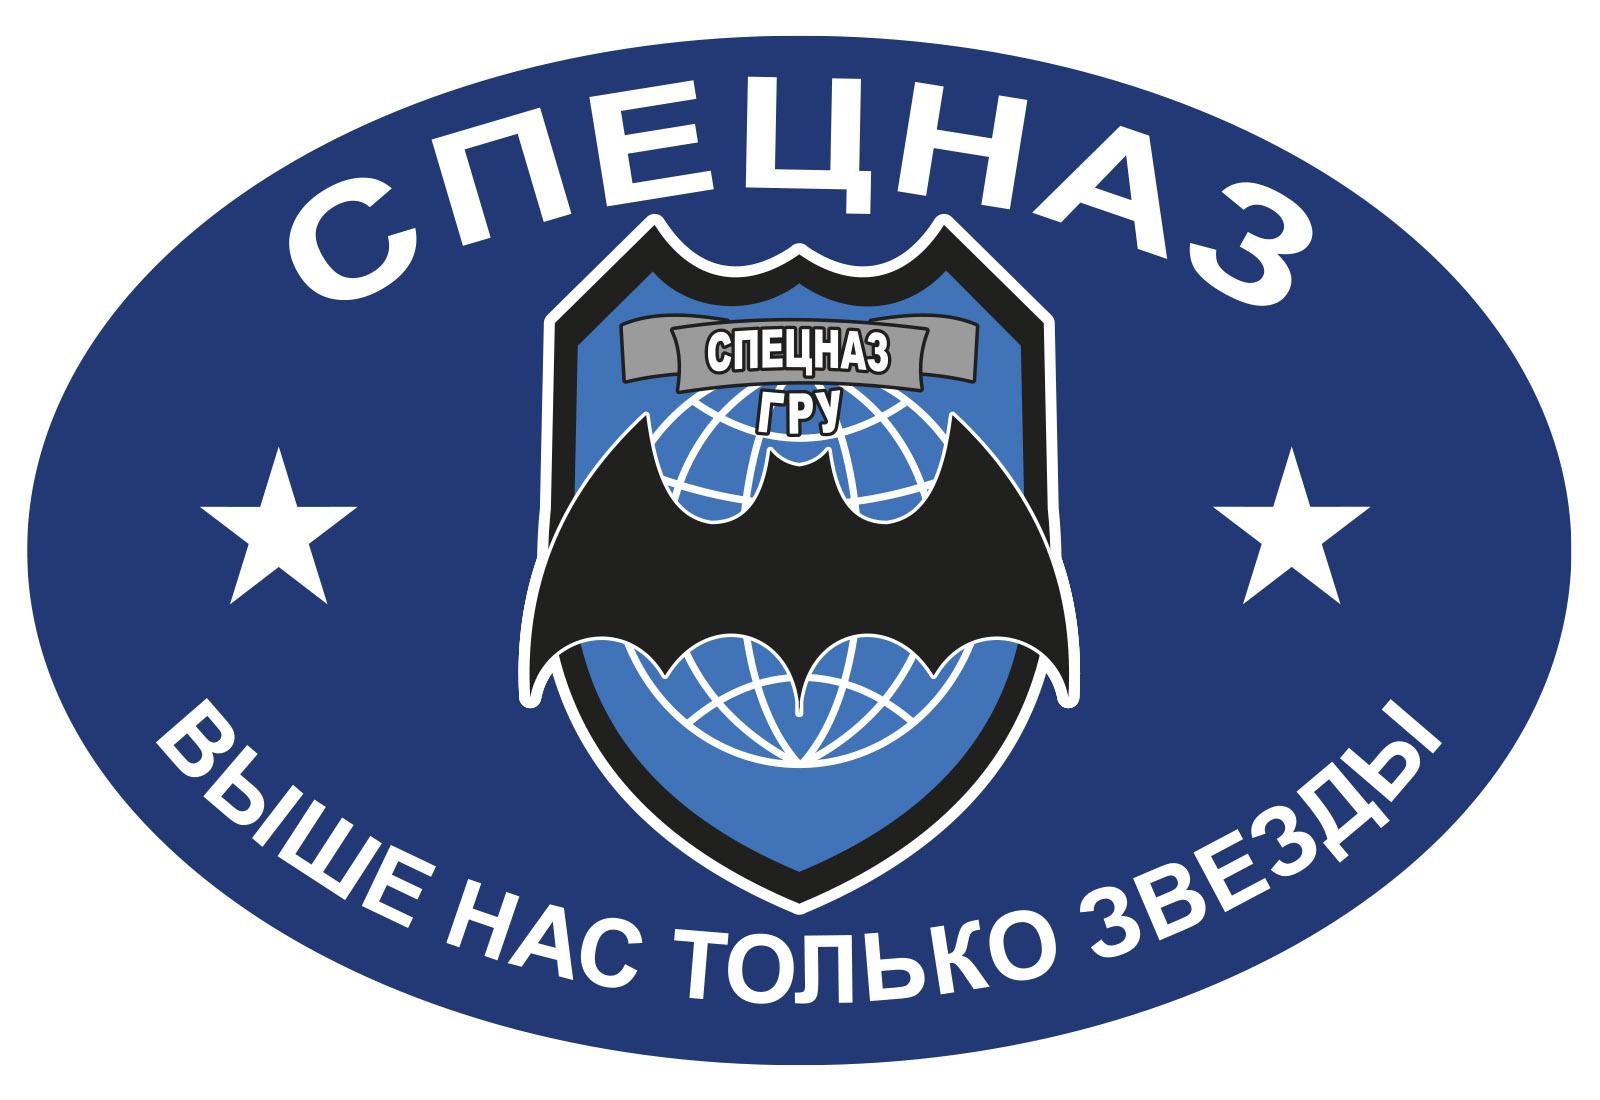 Автомобильная наклейка с символикой Спецназа ГРУ